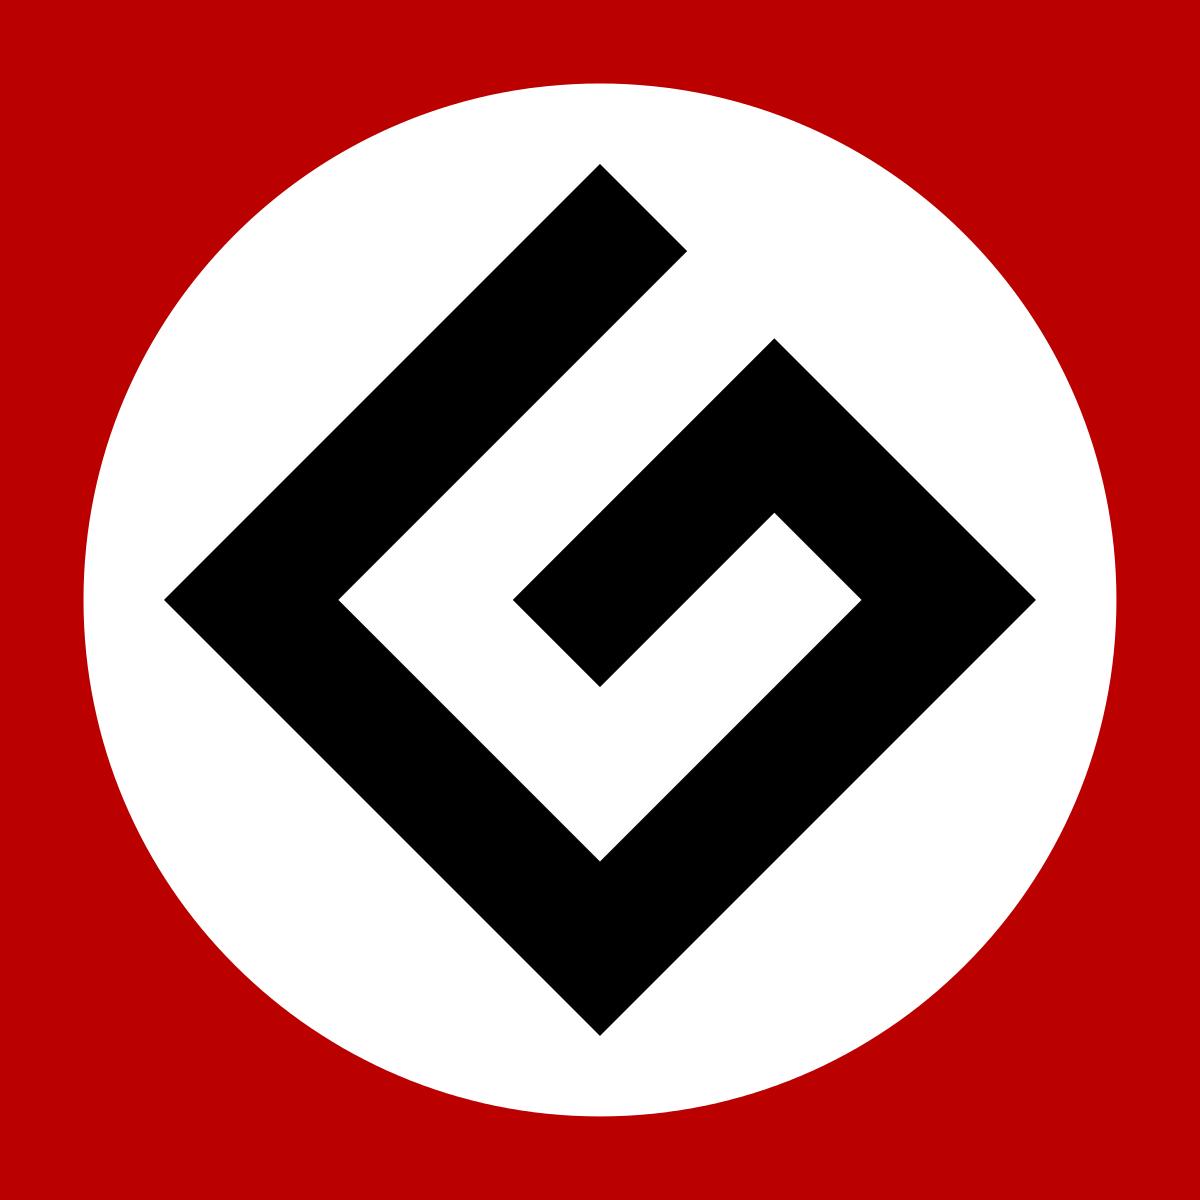 русские неонацисты